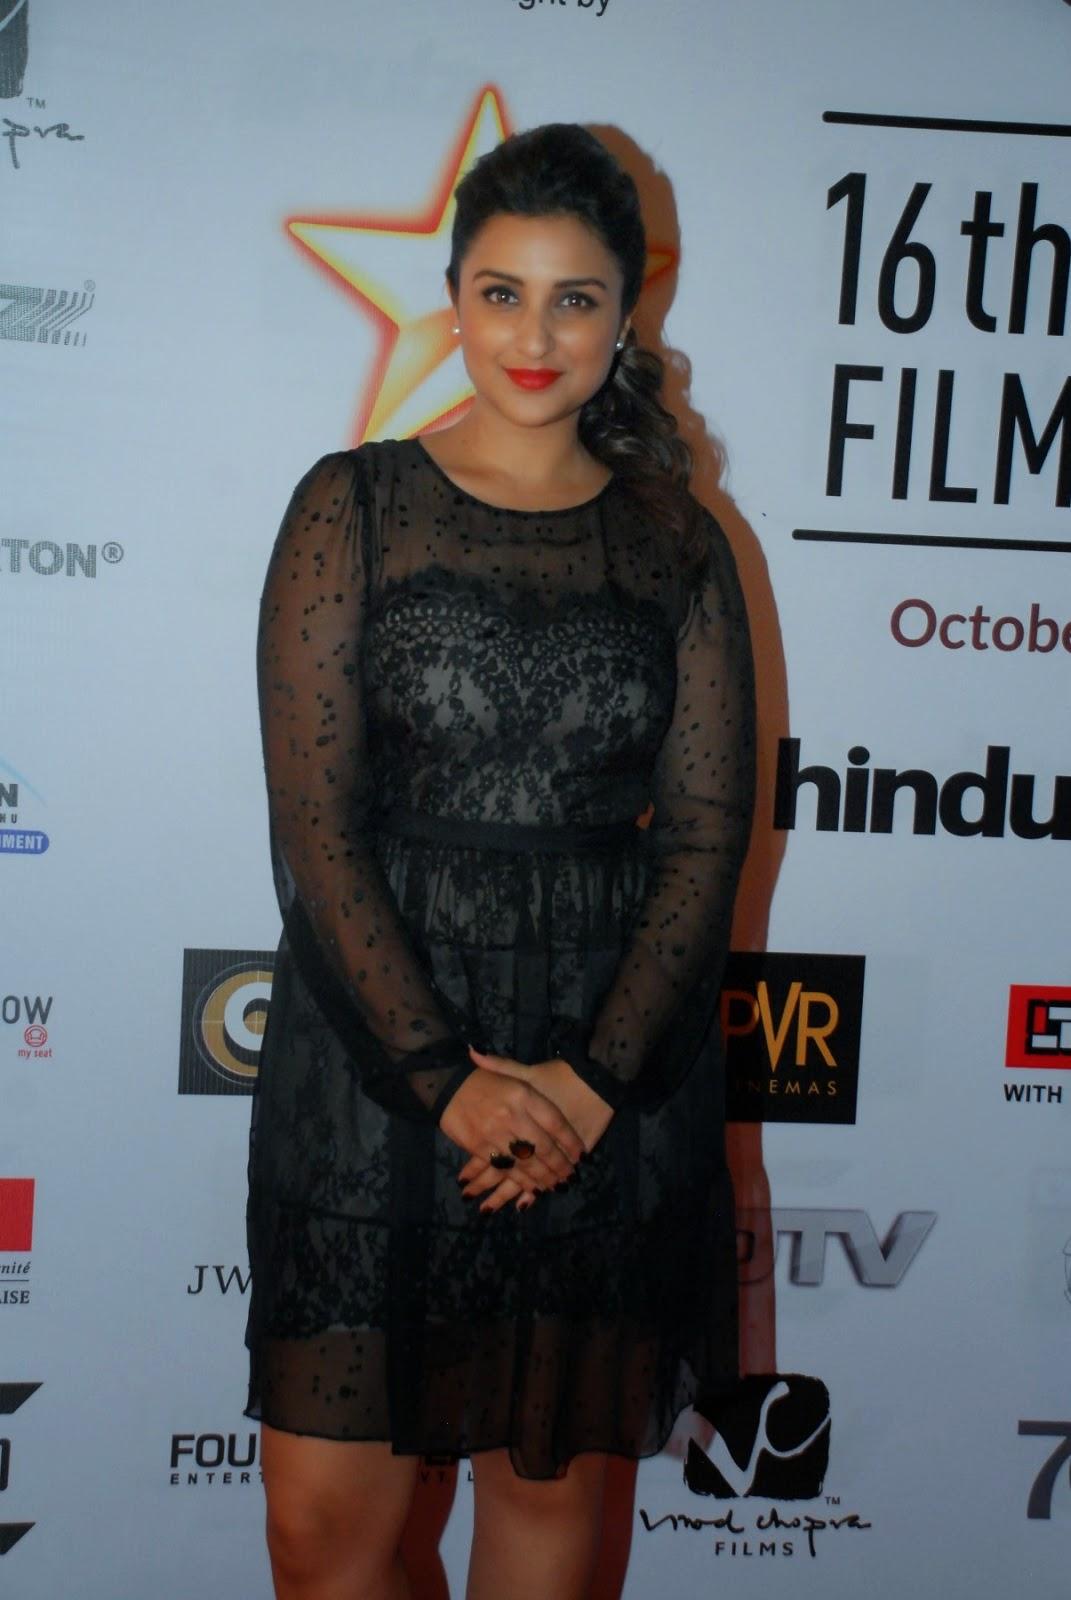 Bolly Celebs at 16th Mumbai Film Festival Closing Ceremony Photo